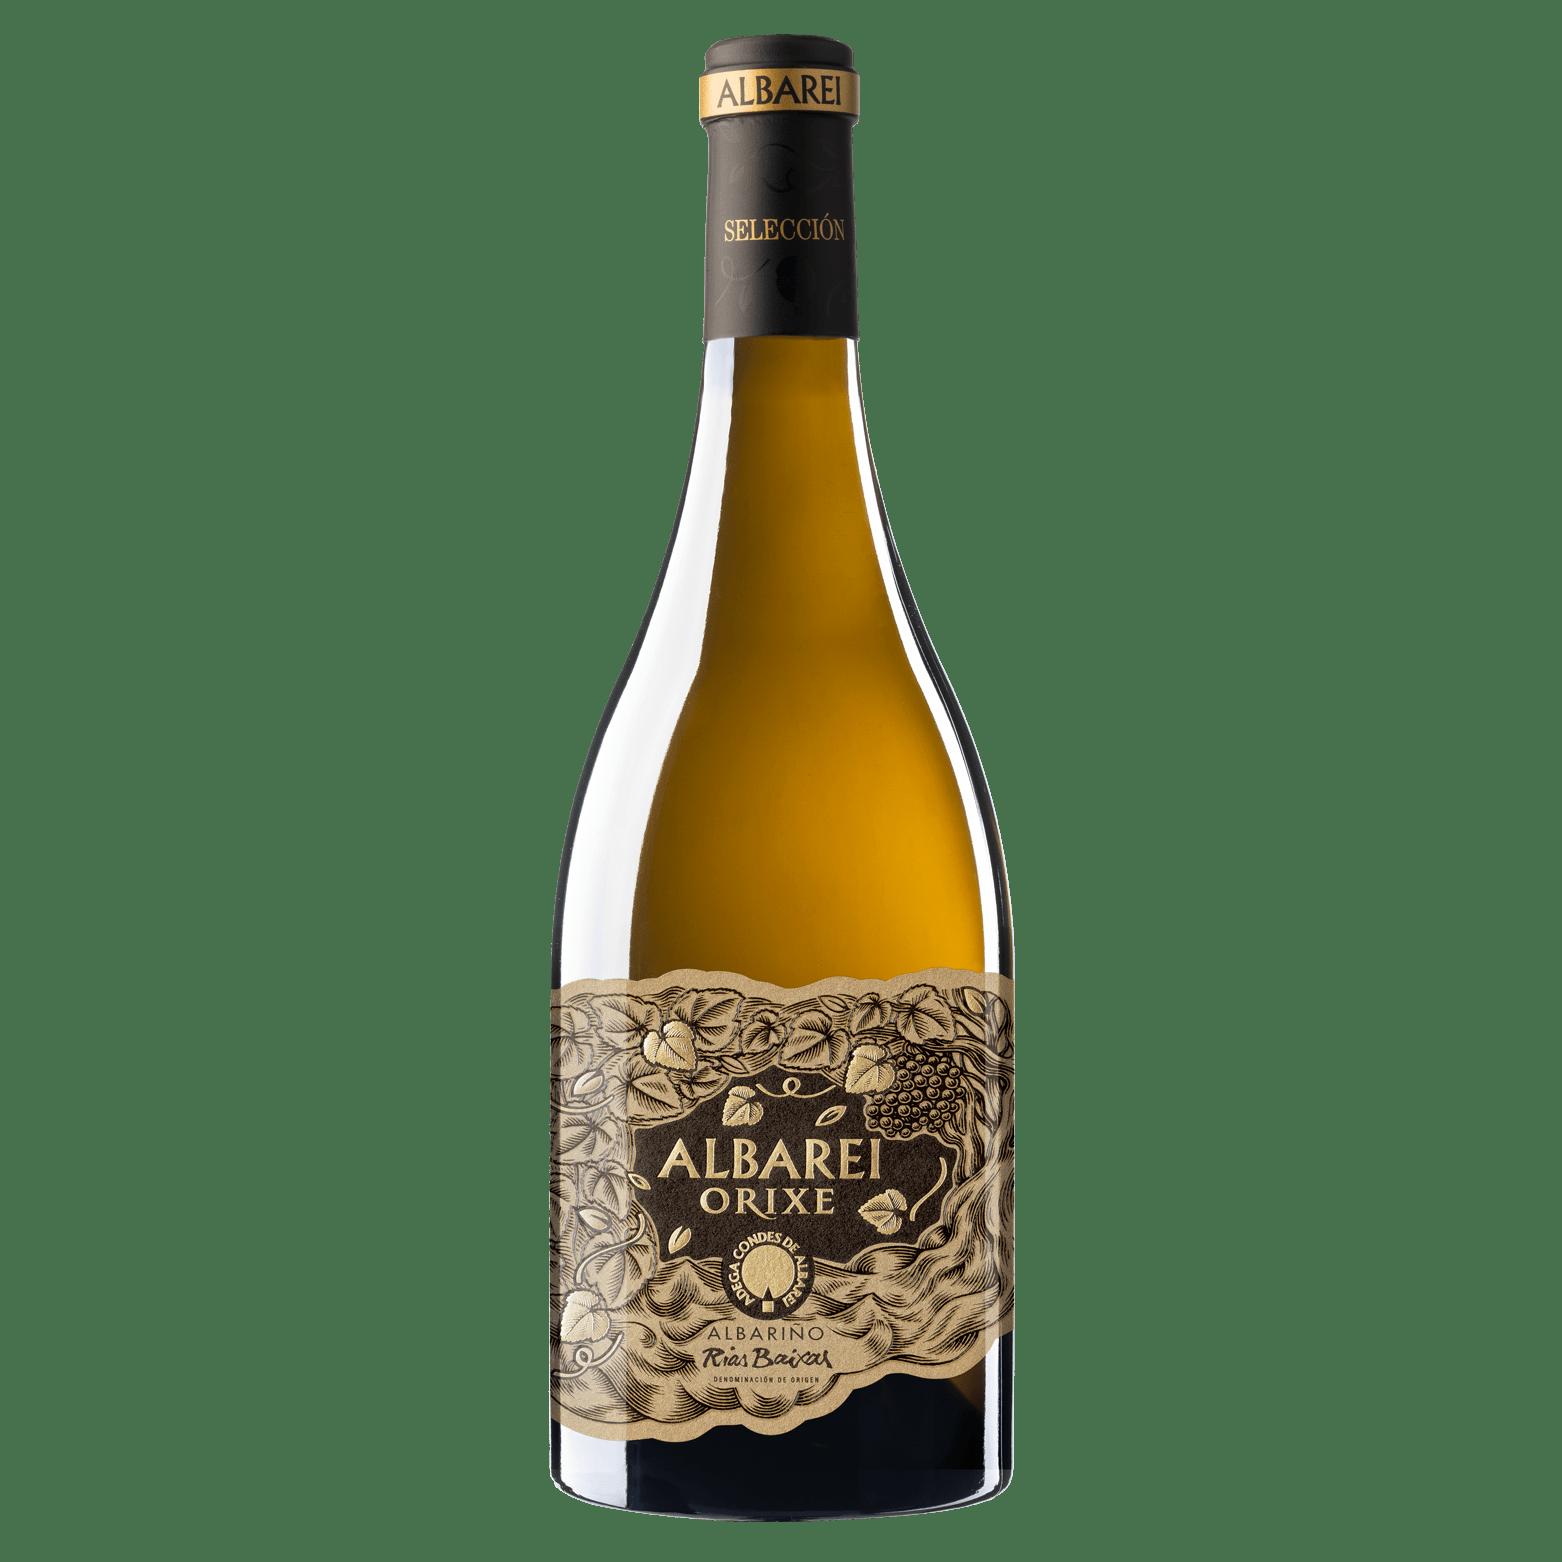 botella vino albariño albarei orixe